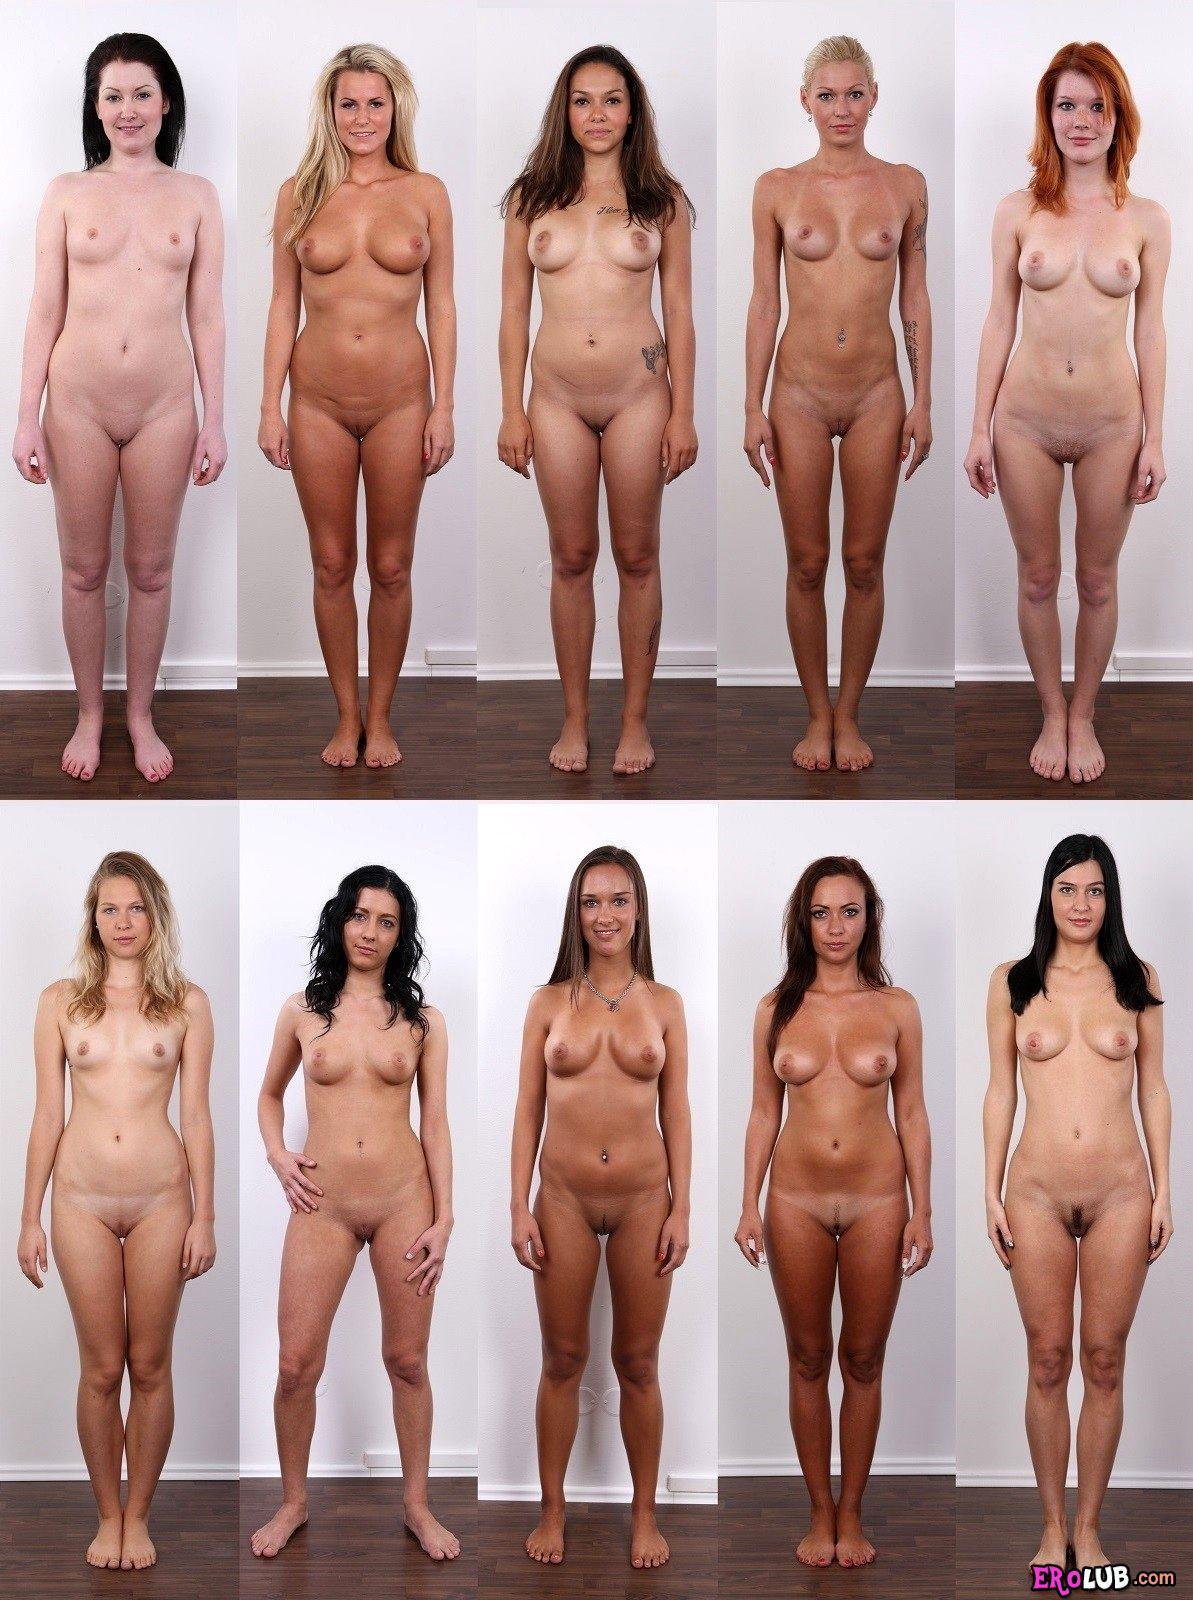 Фото группа голых девушек для кастинга в раздевалке фото 583-844